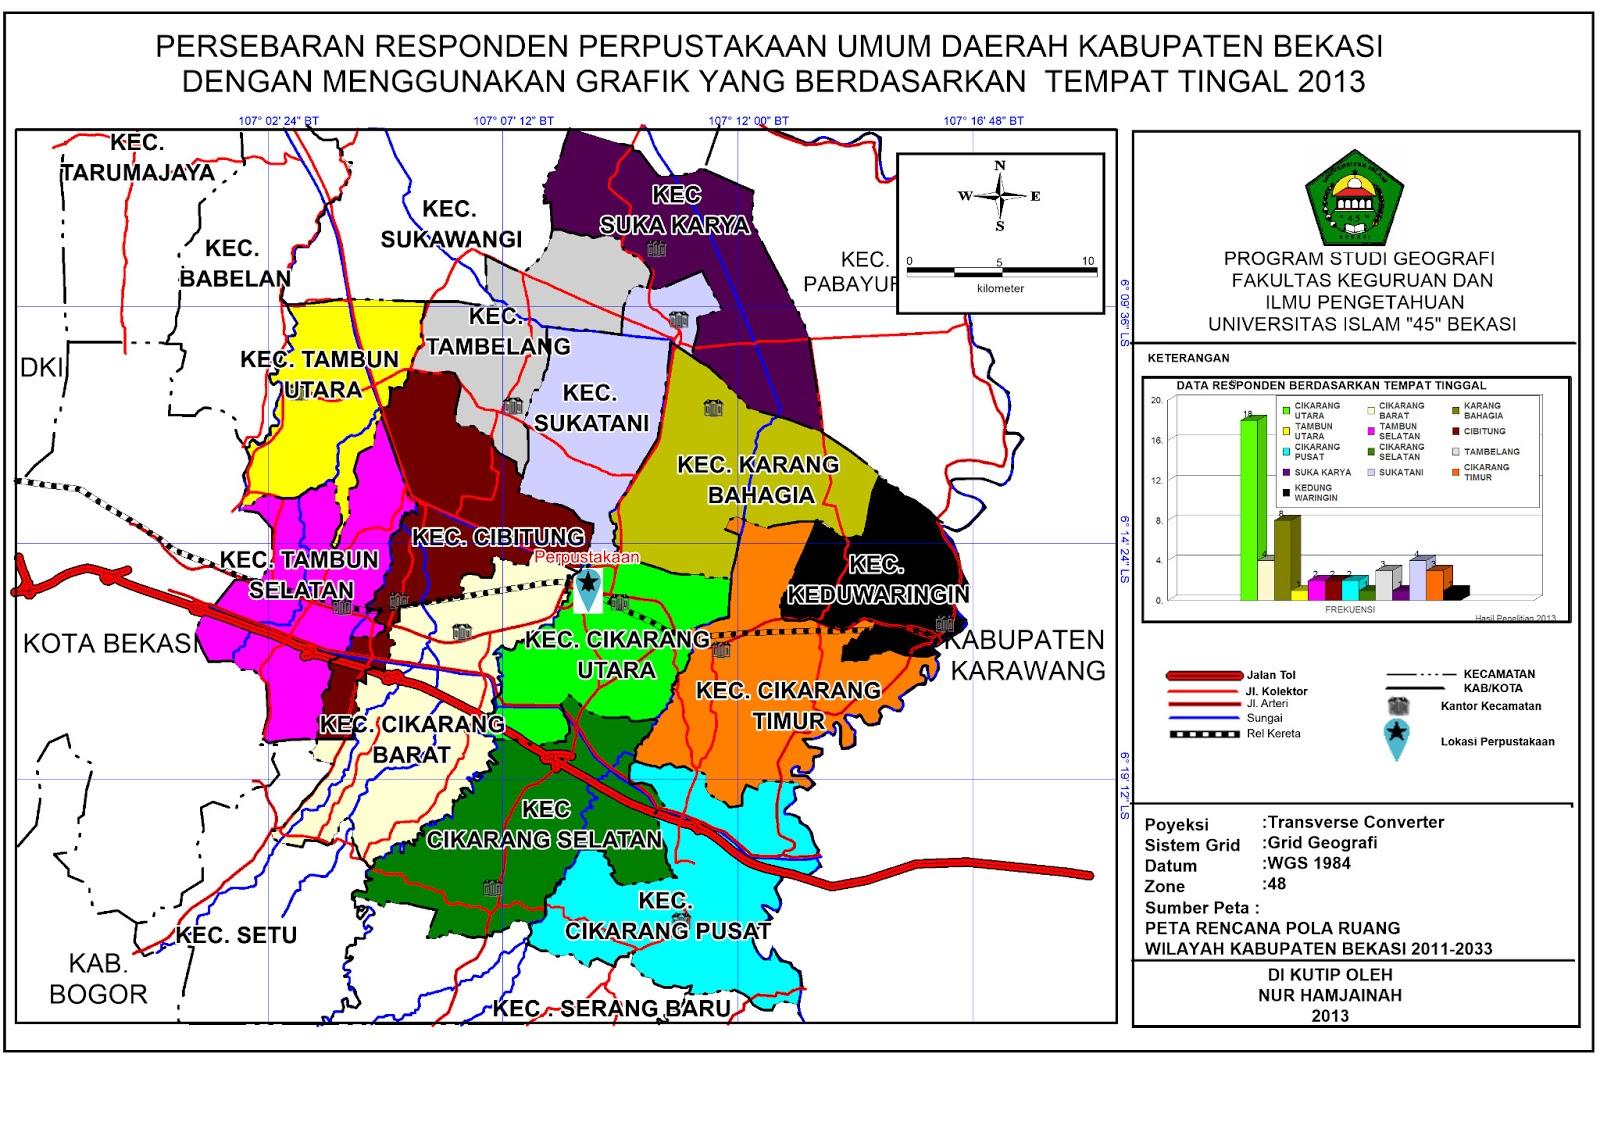 Pendidikan Geografi : peta kota/kab bekasi